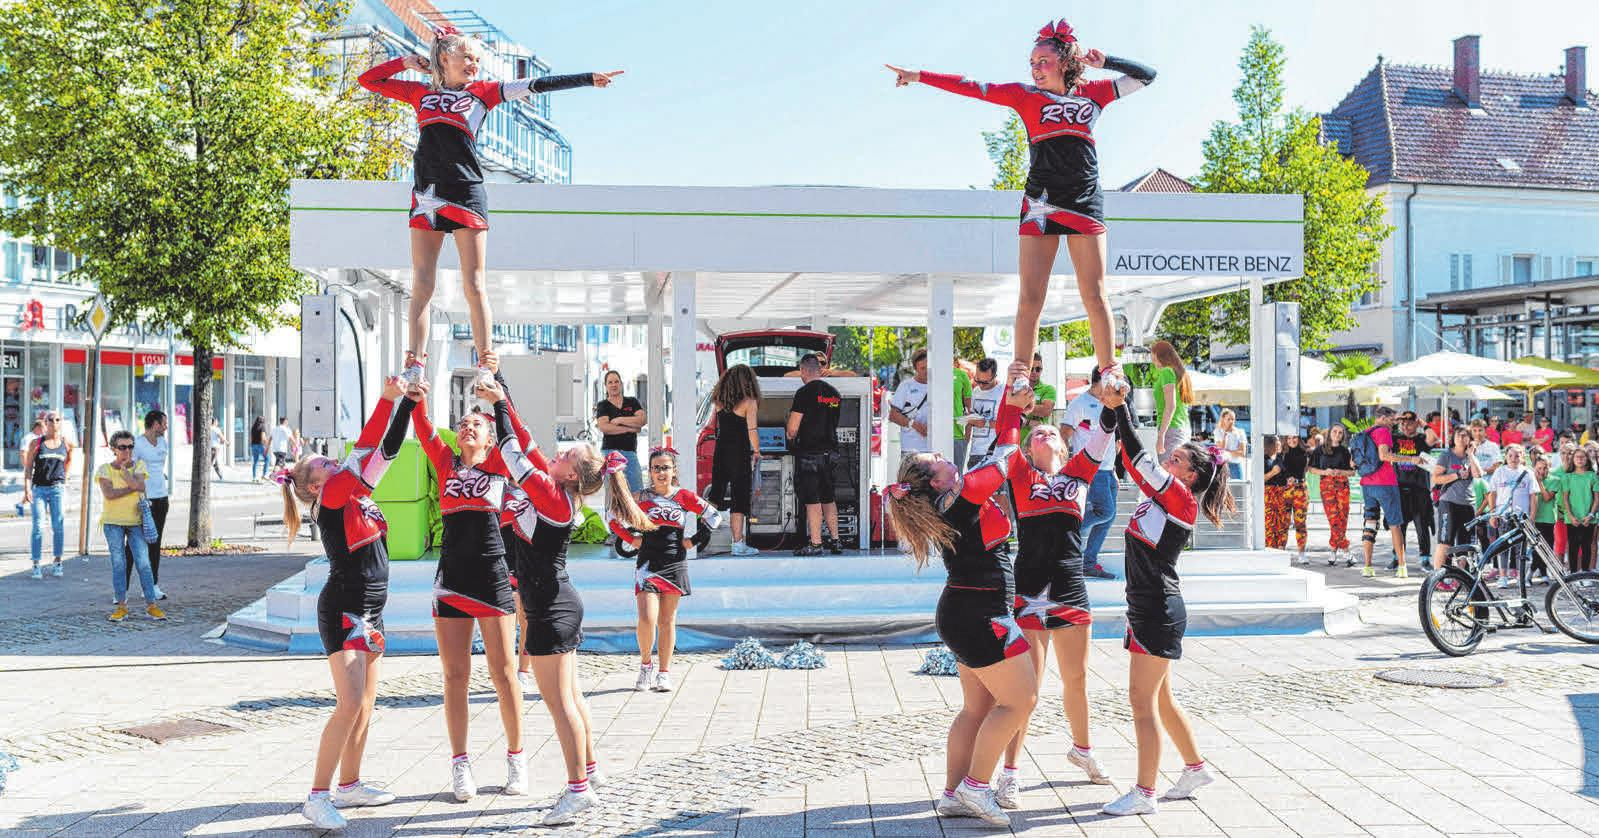 Cheerleader präsentieren fetzige Einlagen. FOTO: LAUPHEIM FOTOSTUDIO